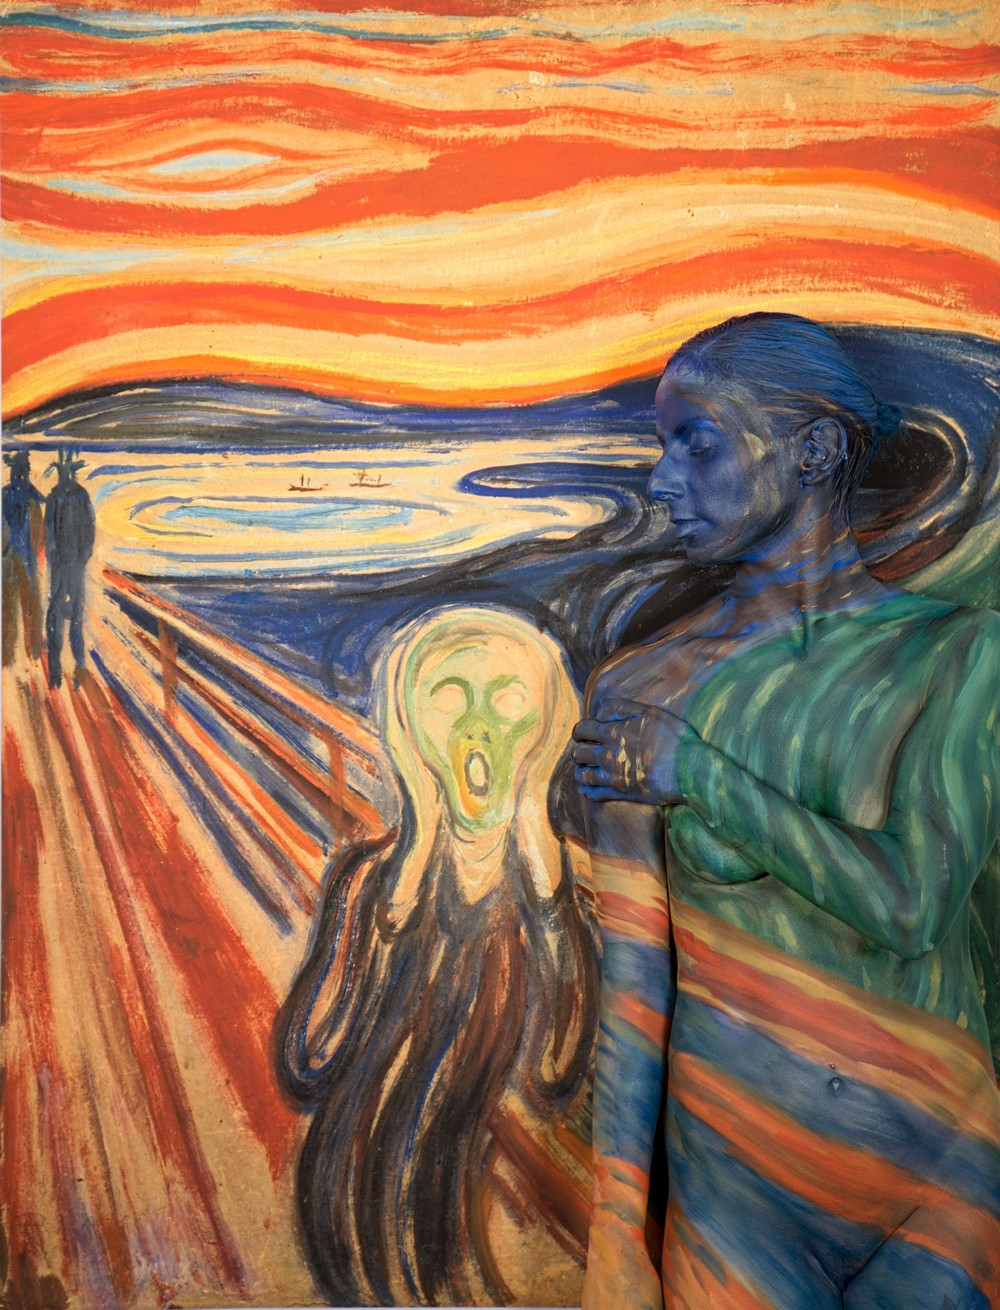 Обнаженные тела на фоне дорогих произведений искусства